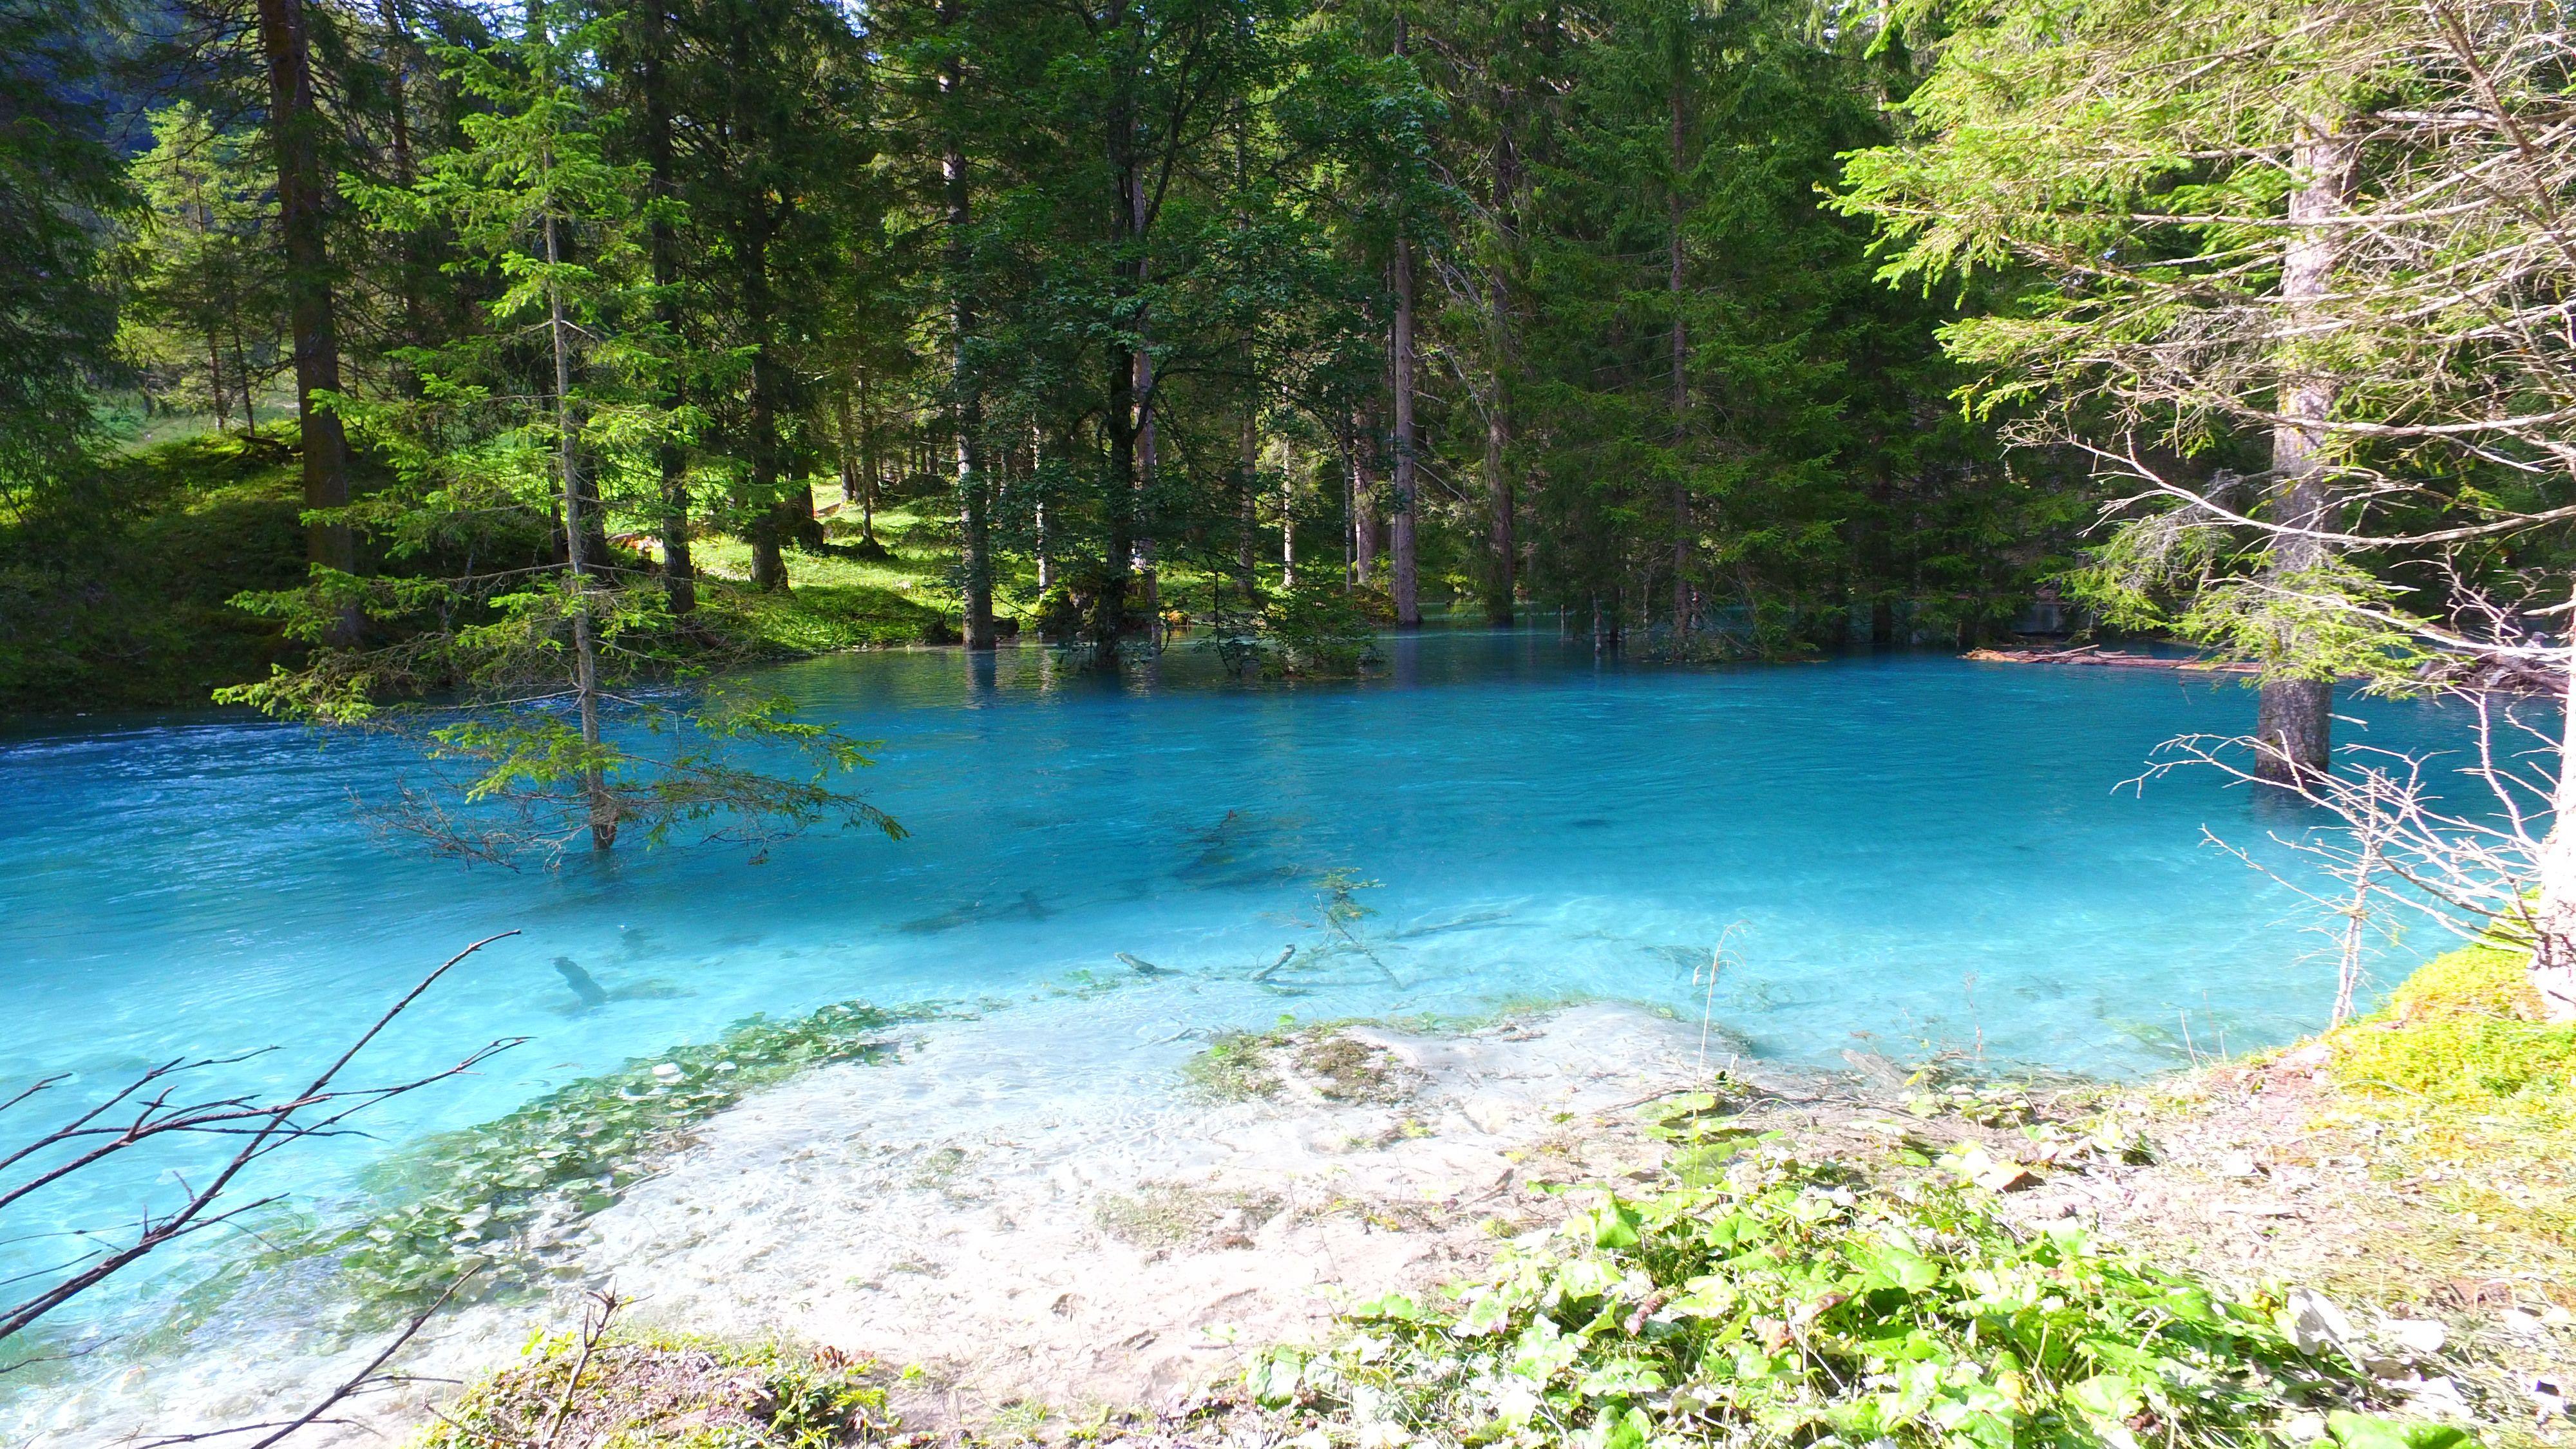 Blaue Lagune Kleinarl Tagesausflug Osterreich Orte Zum Besuchen Urlaub In Tirol